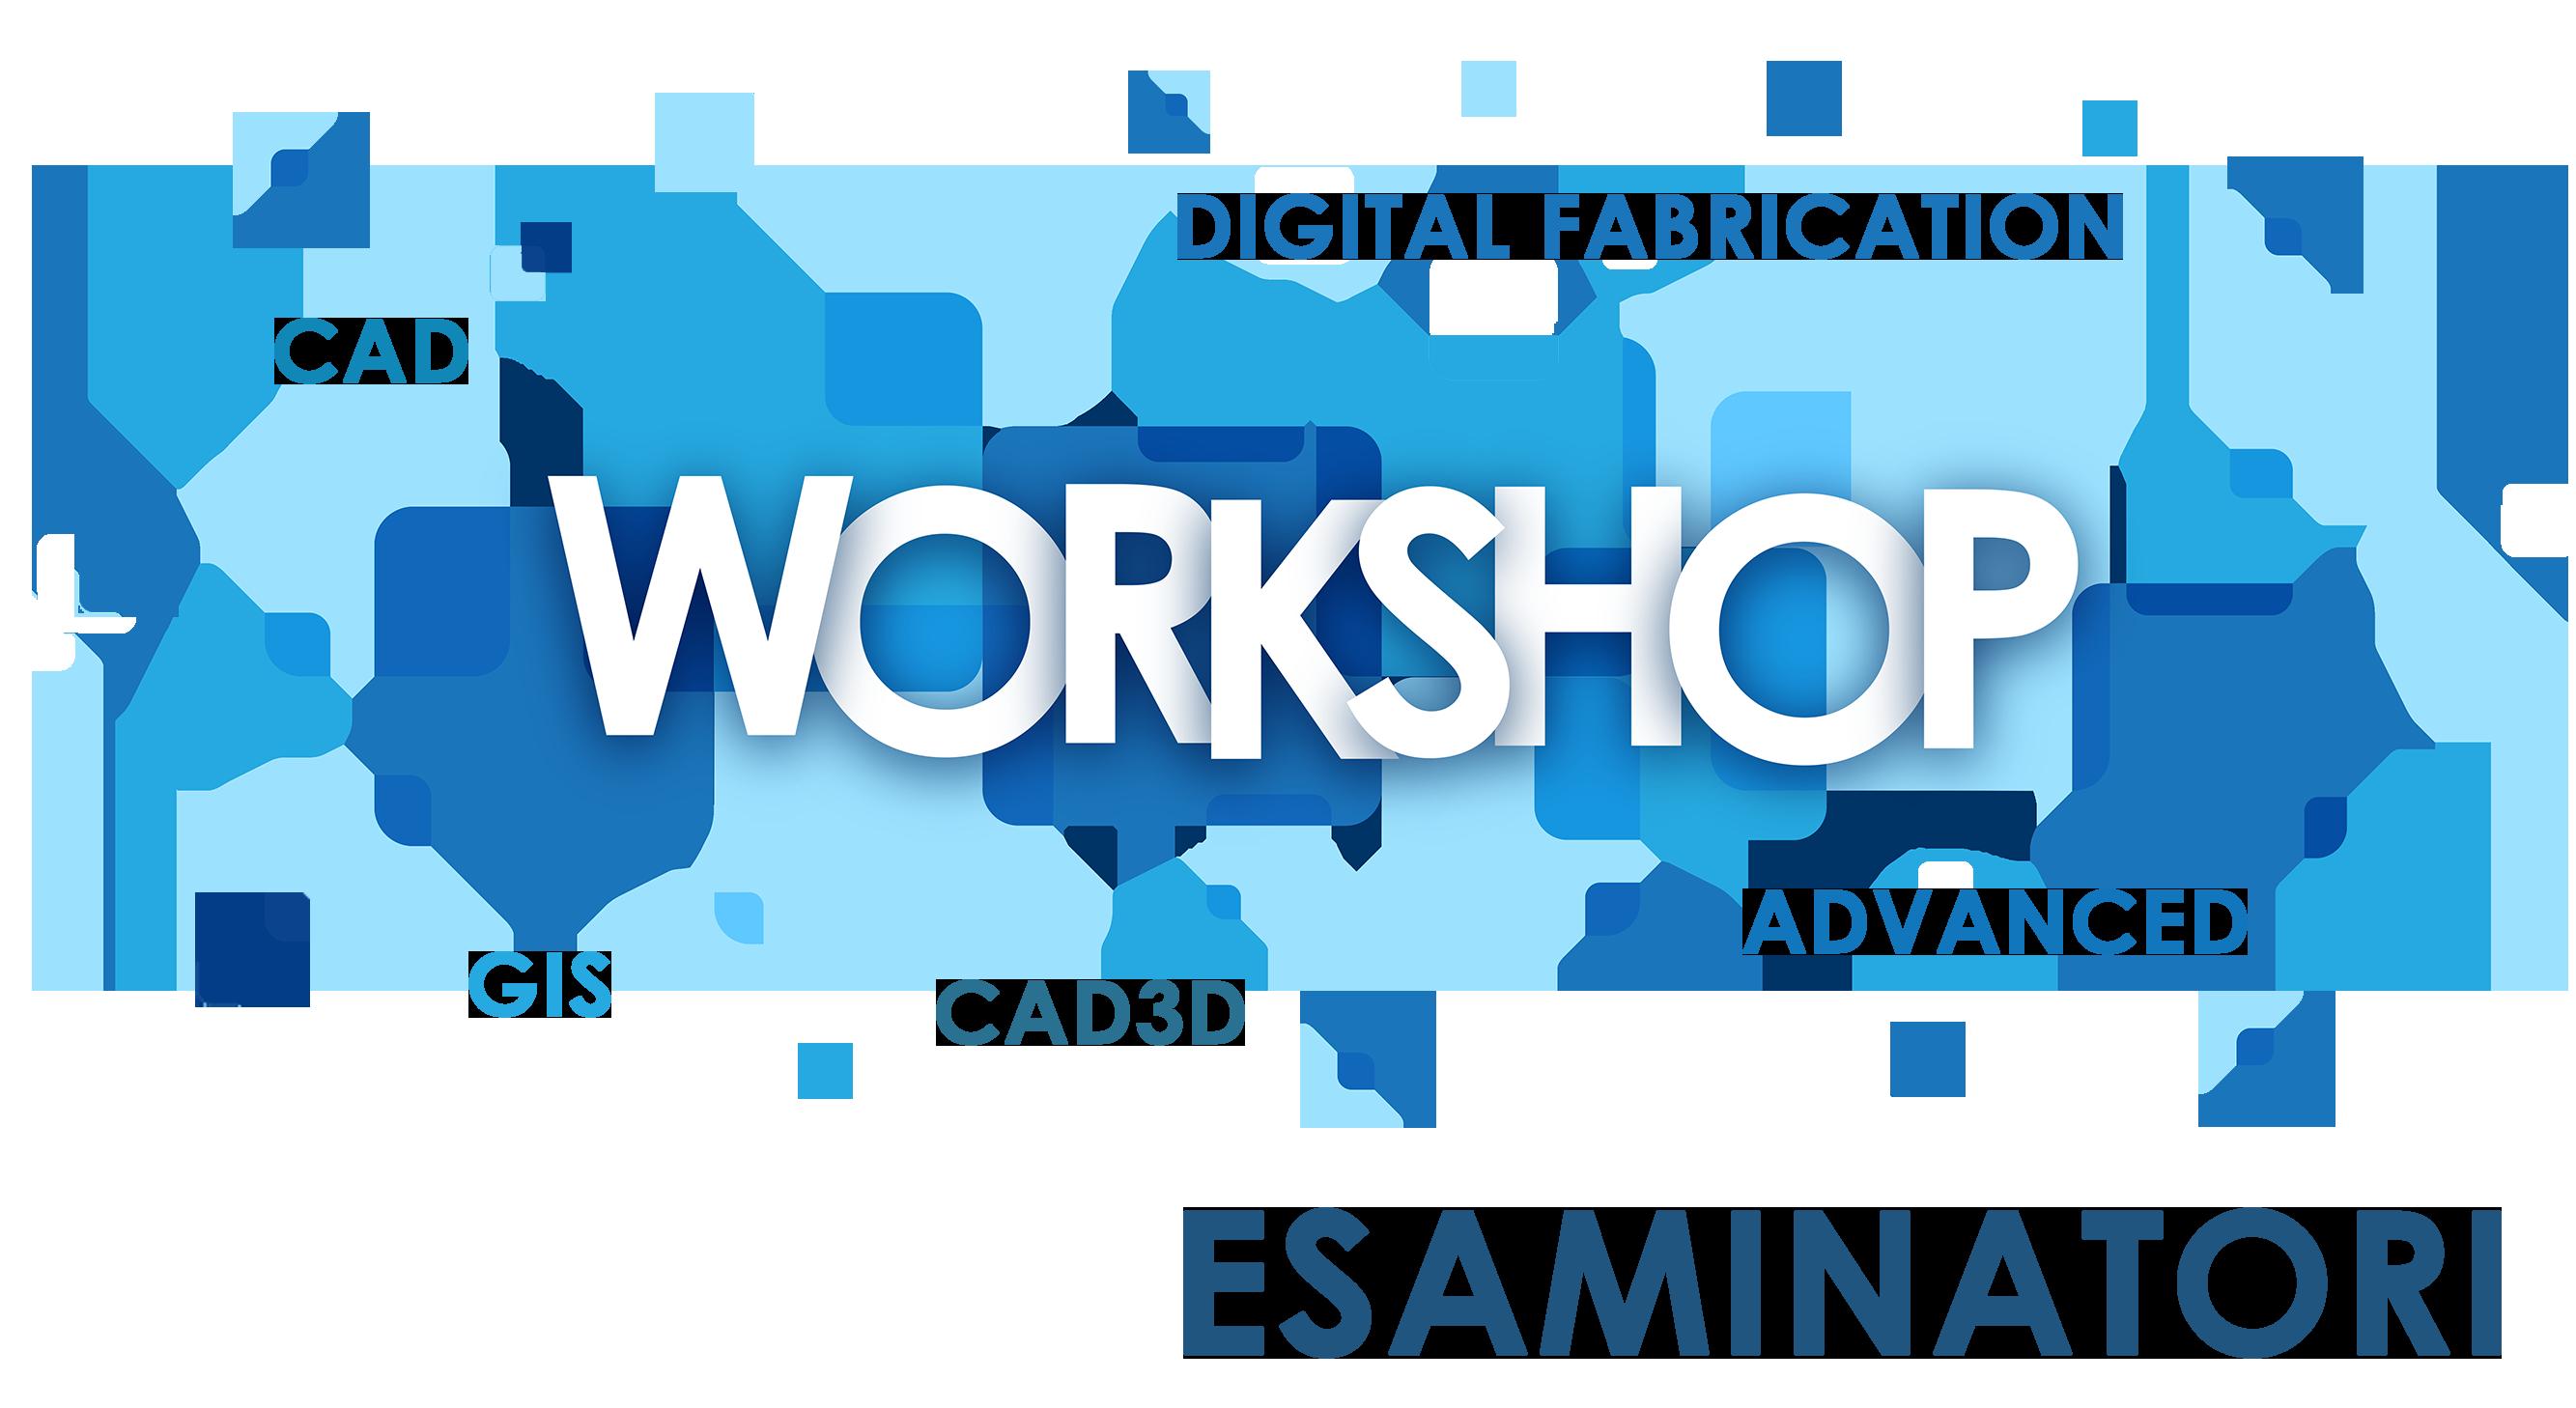 Workshop per Esaminatori CAD 3d